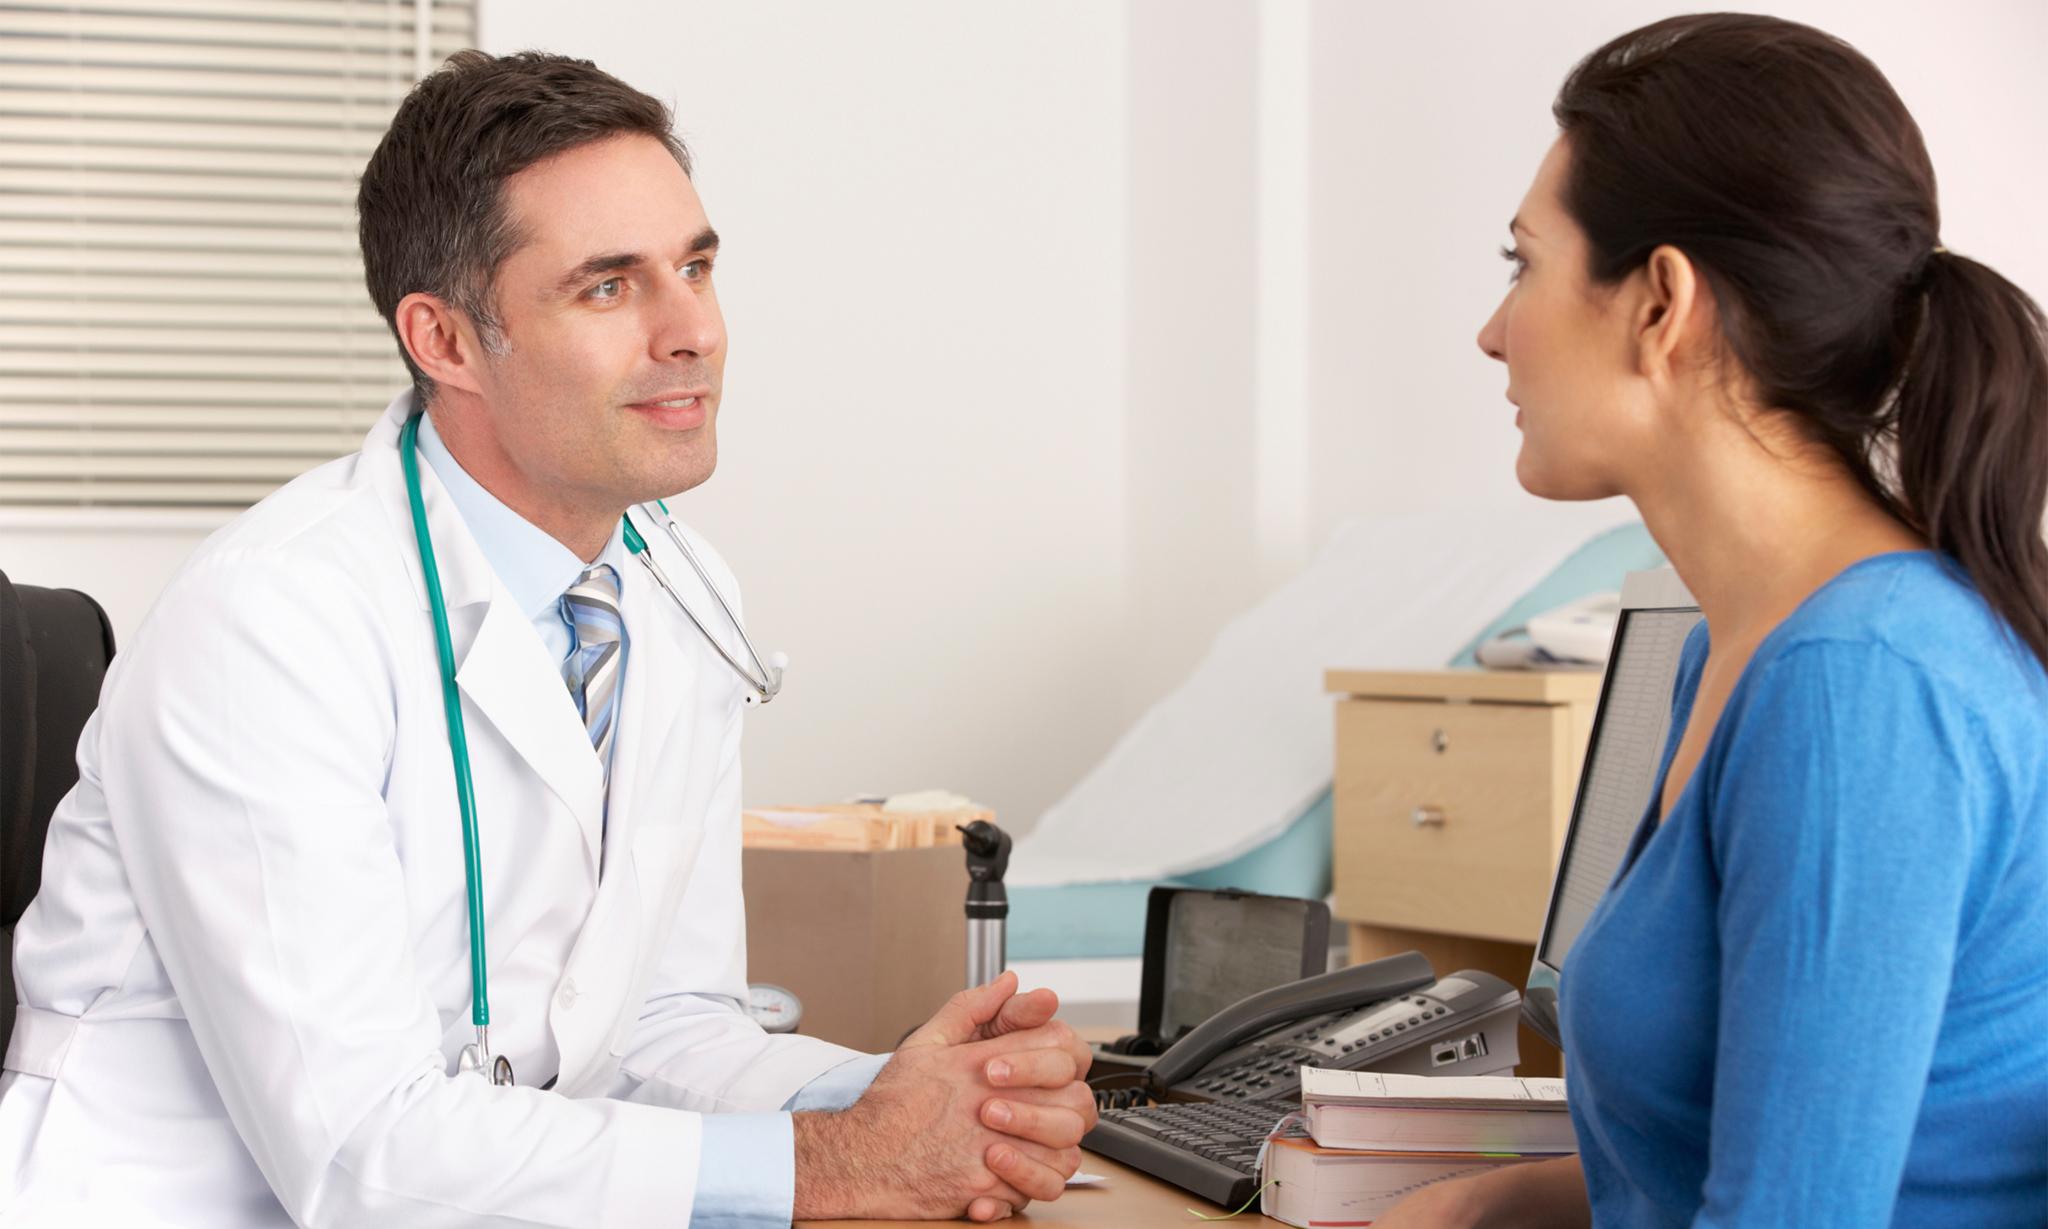 Туберкулез – это широко распространенное в мире инфекционное заболевание, при котором поражаются обычно легкие, реже другие органы и системы, вплоть до головного мозга, печени, почки.